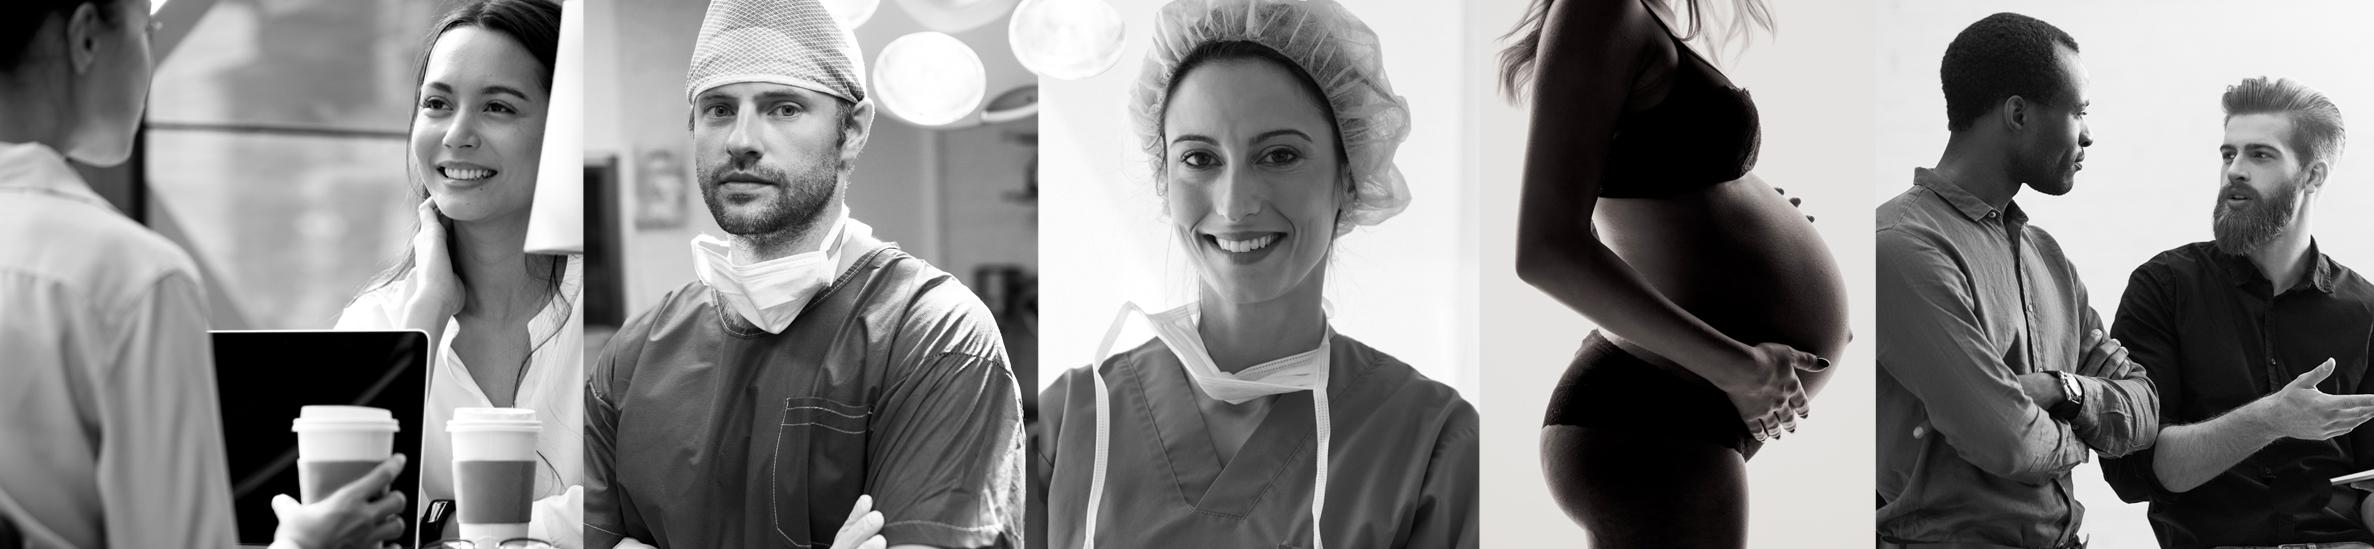 bandeau hôpital J Ducuing chirurgie proctologie toulouse